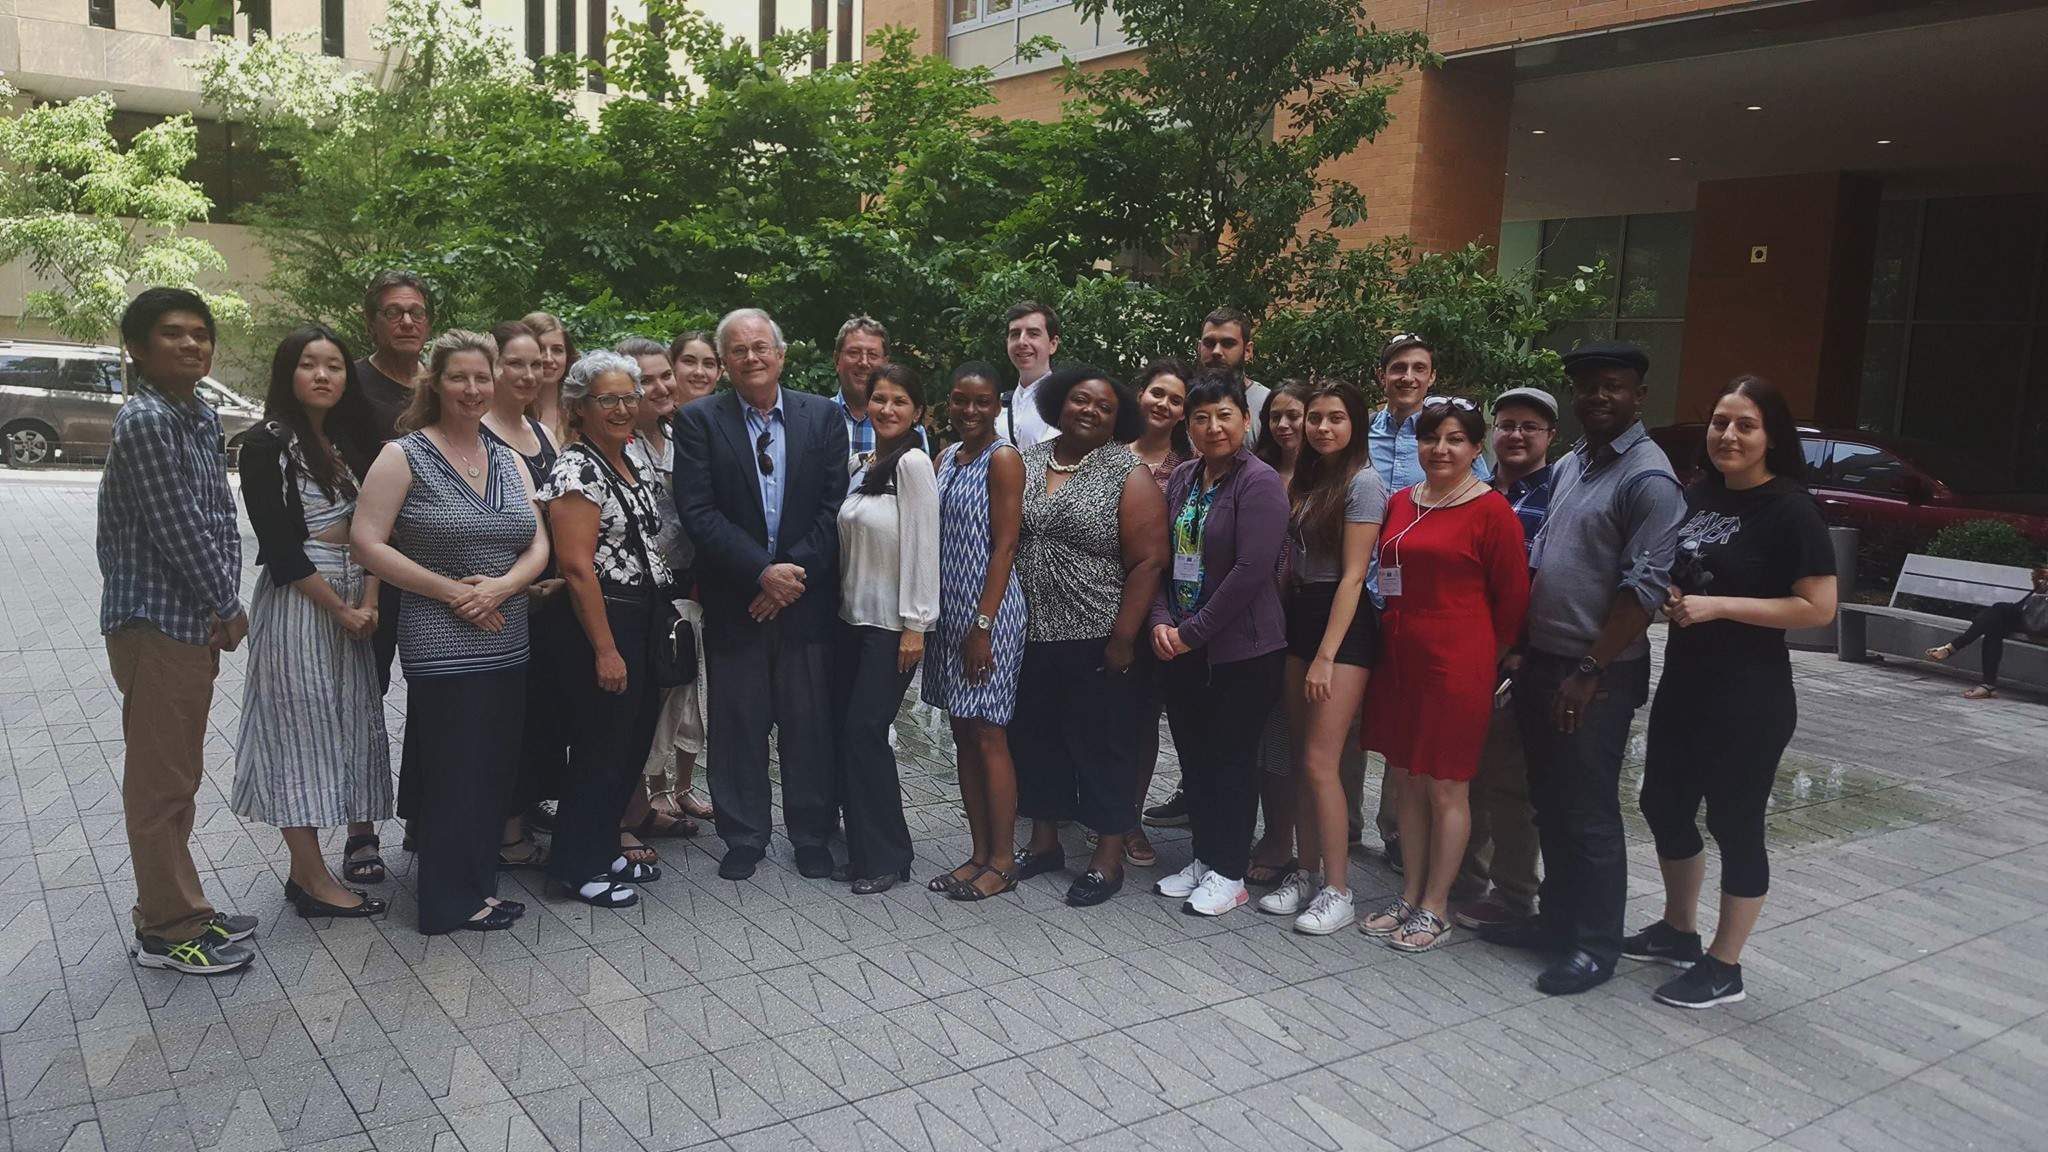 Dr. Petsko and participants